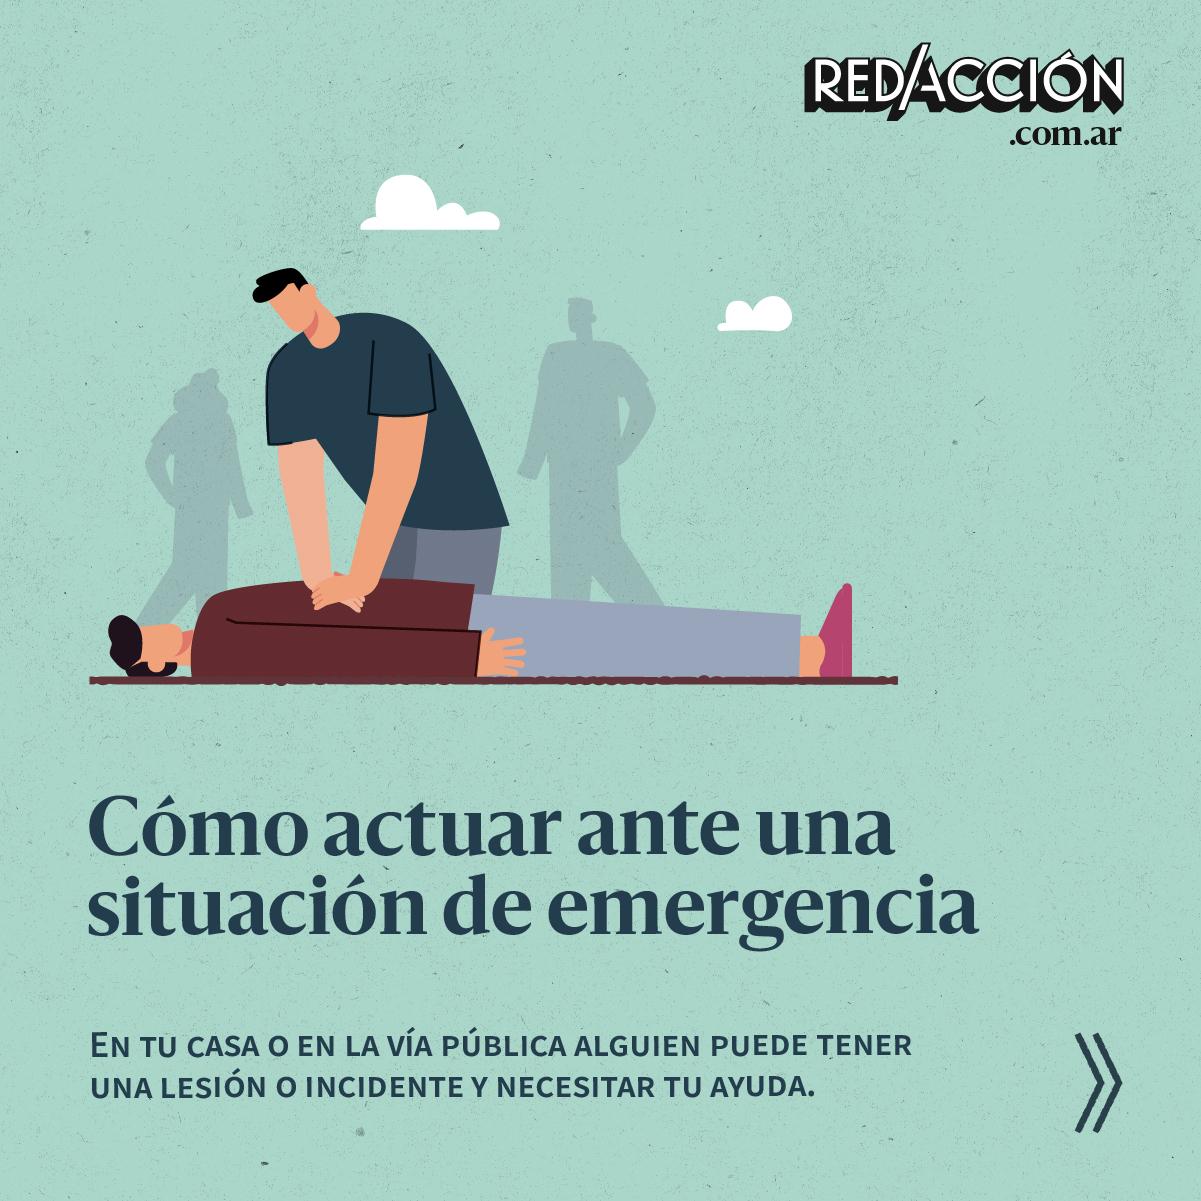 Cómo actuar ante una situación de emergencia